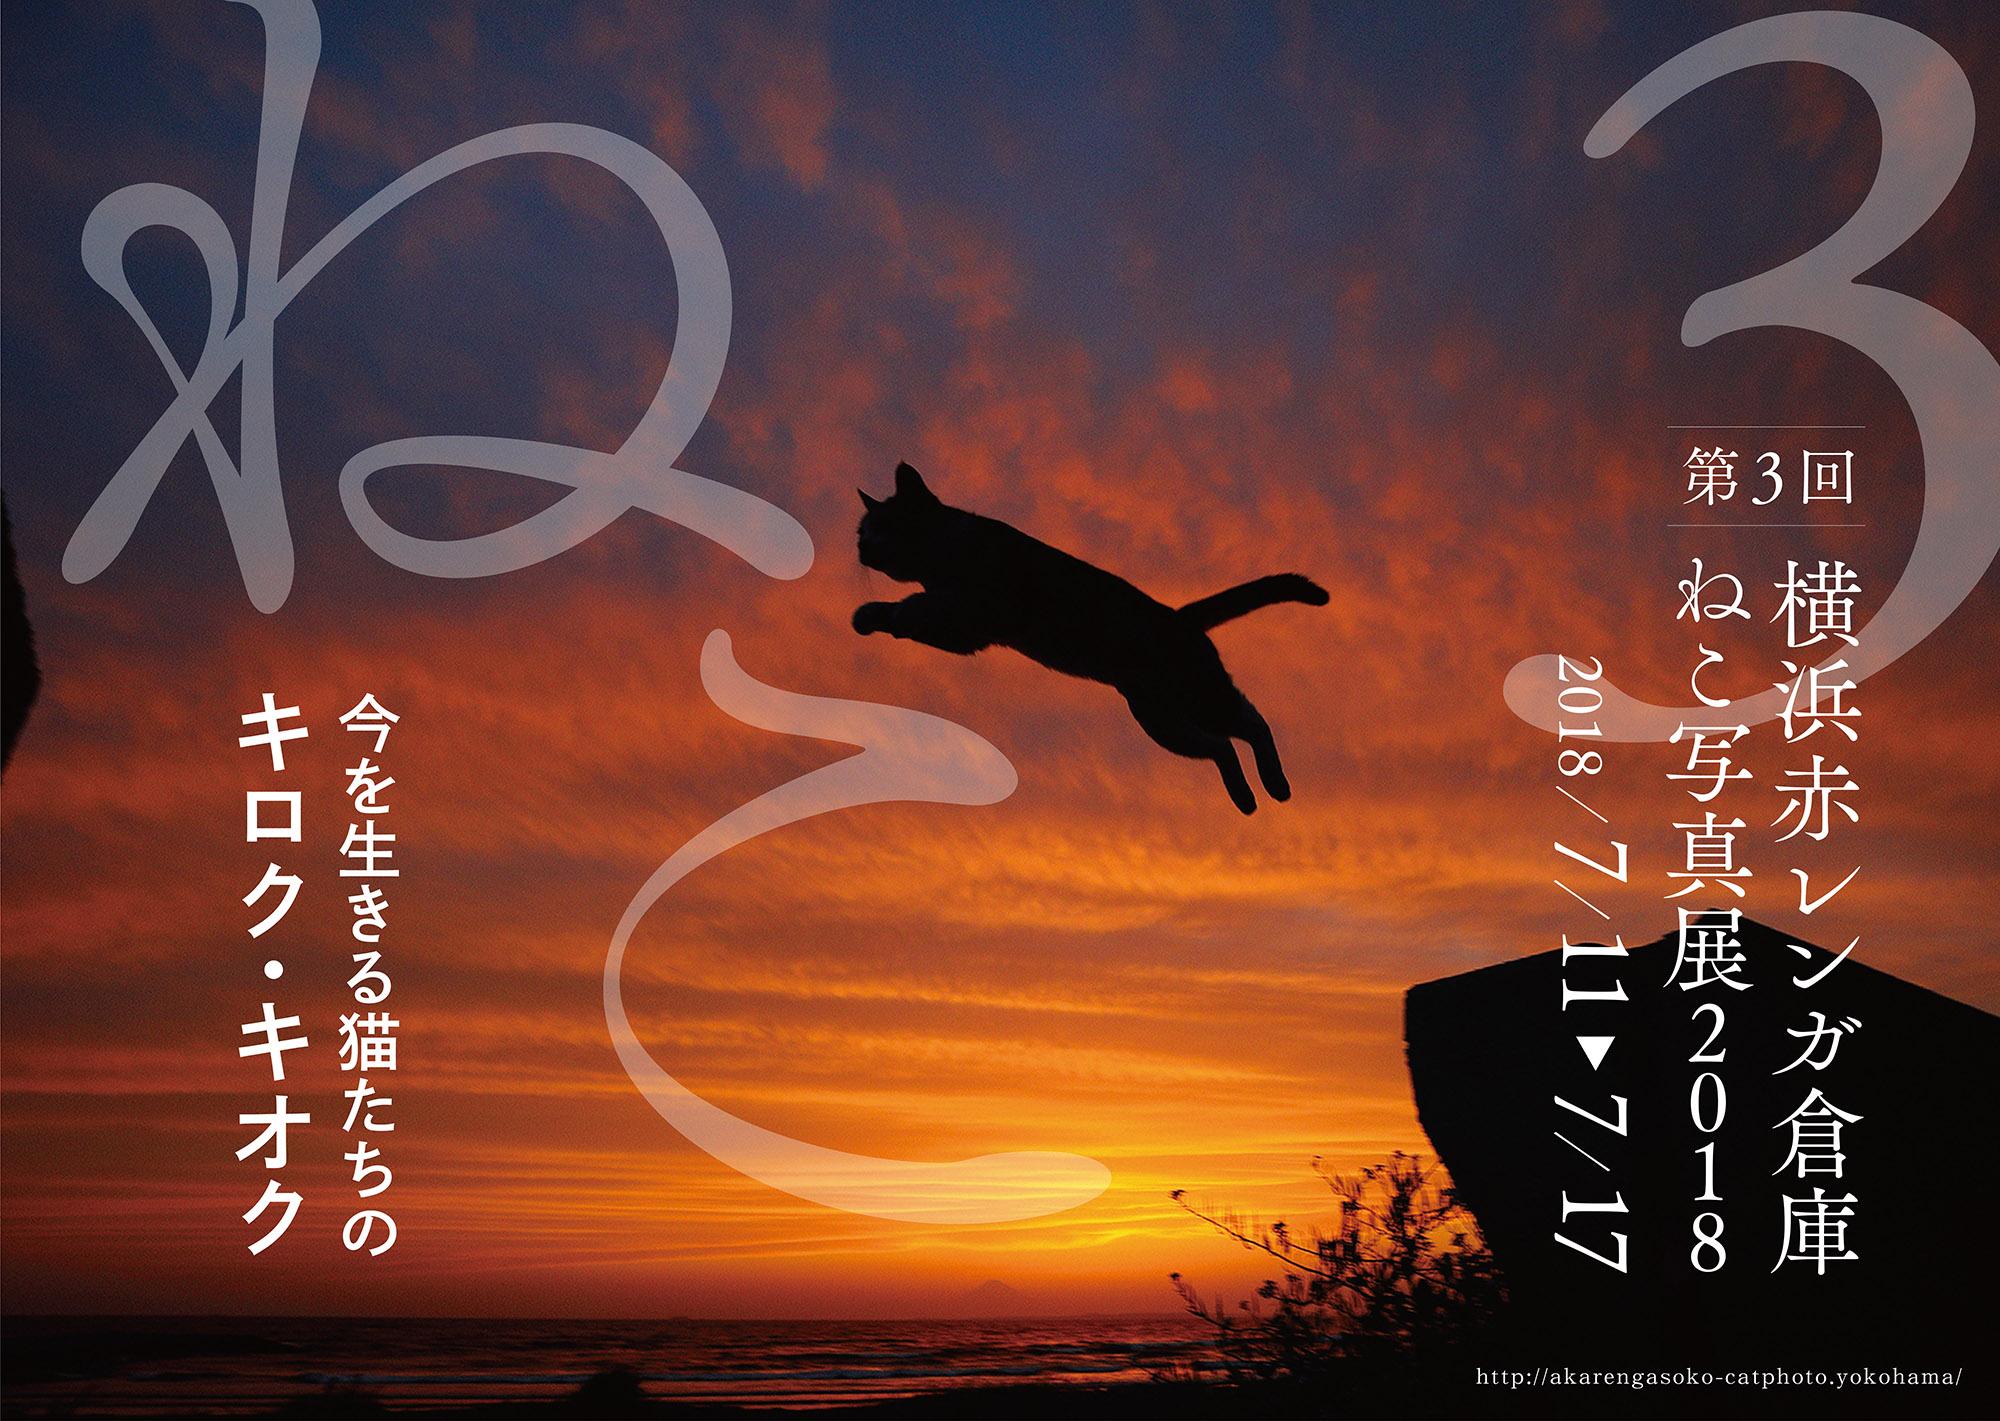 「渋谷ルデコねこ写真展」終了しました。